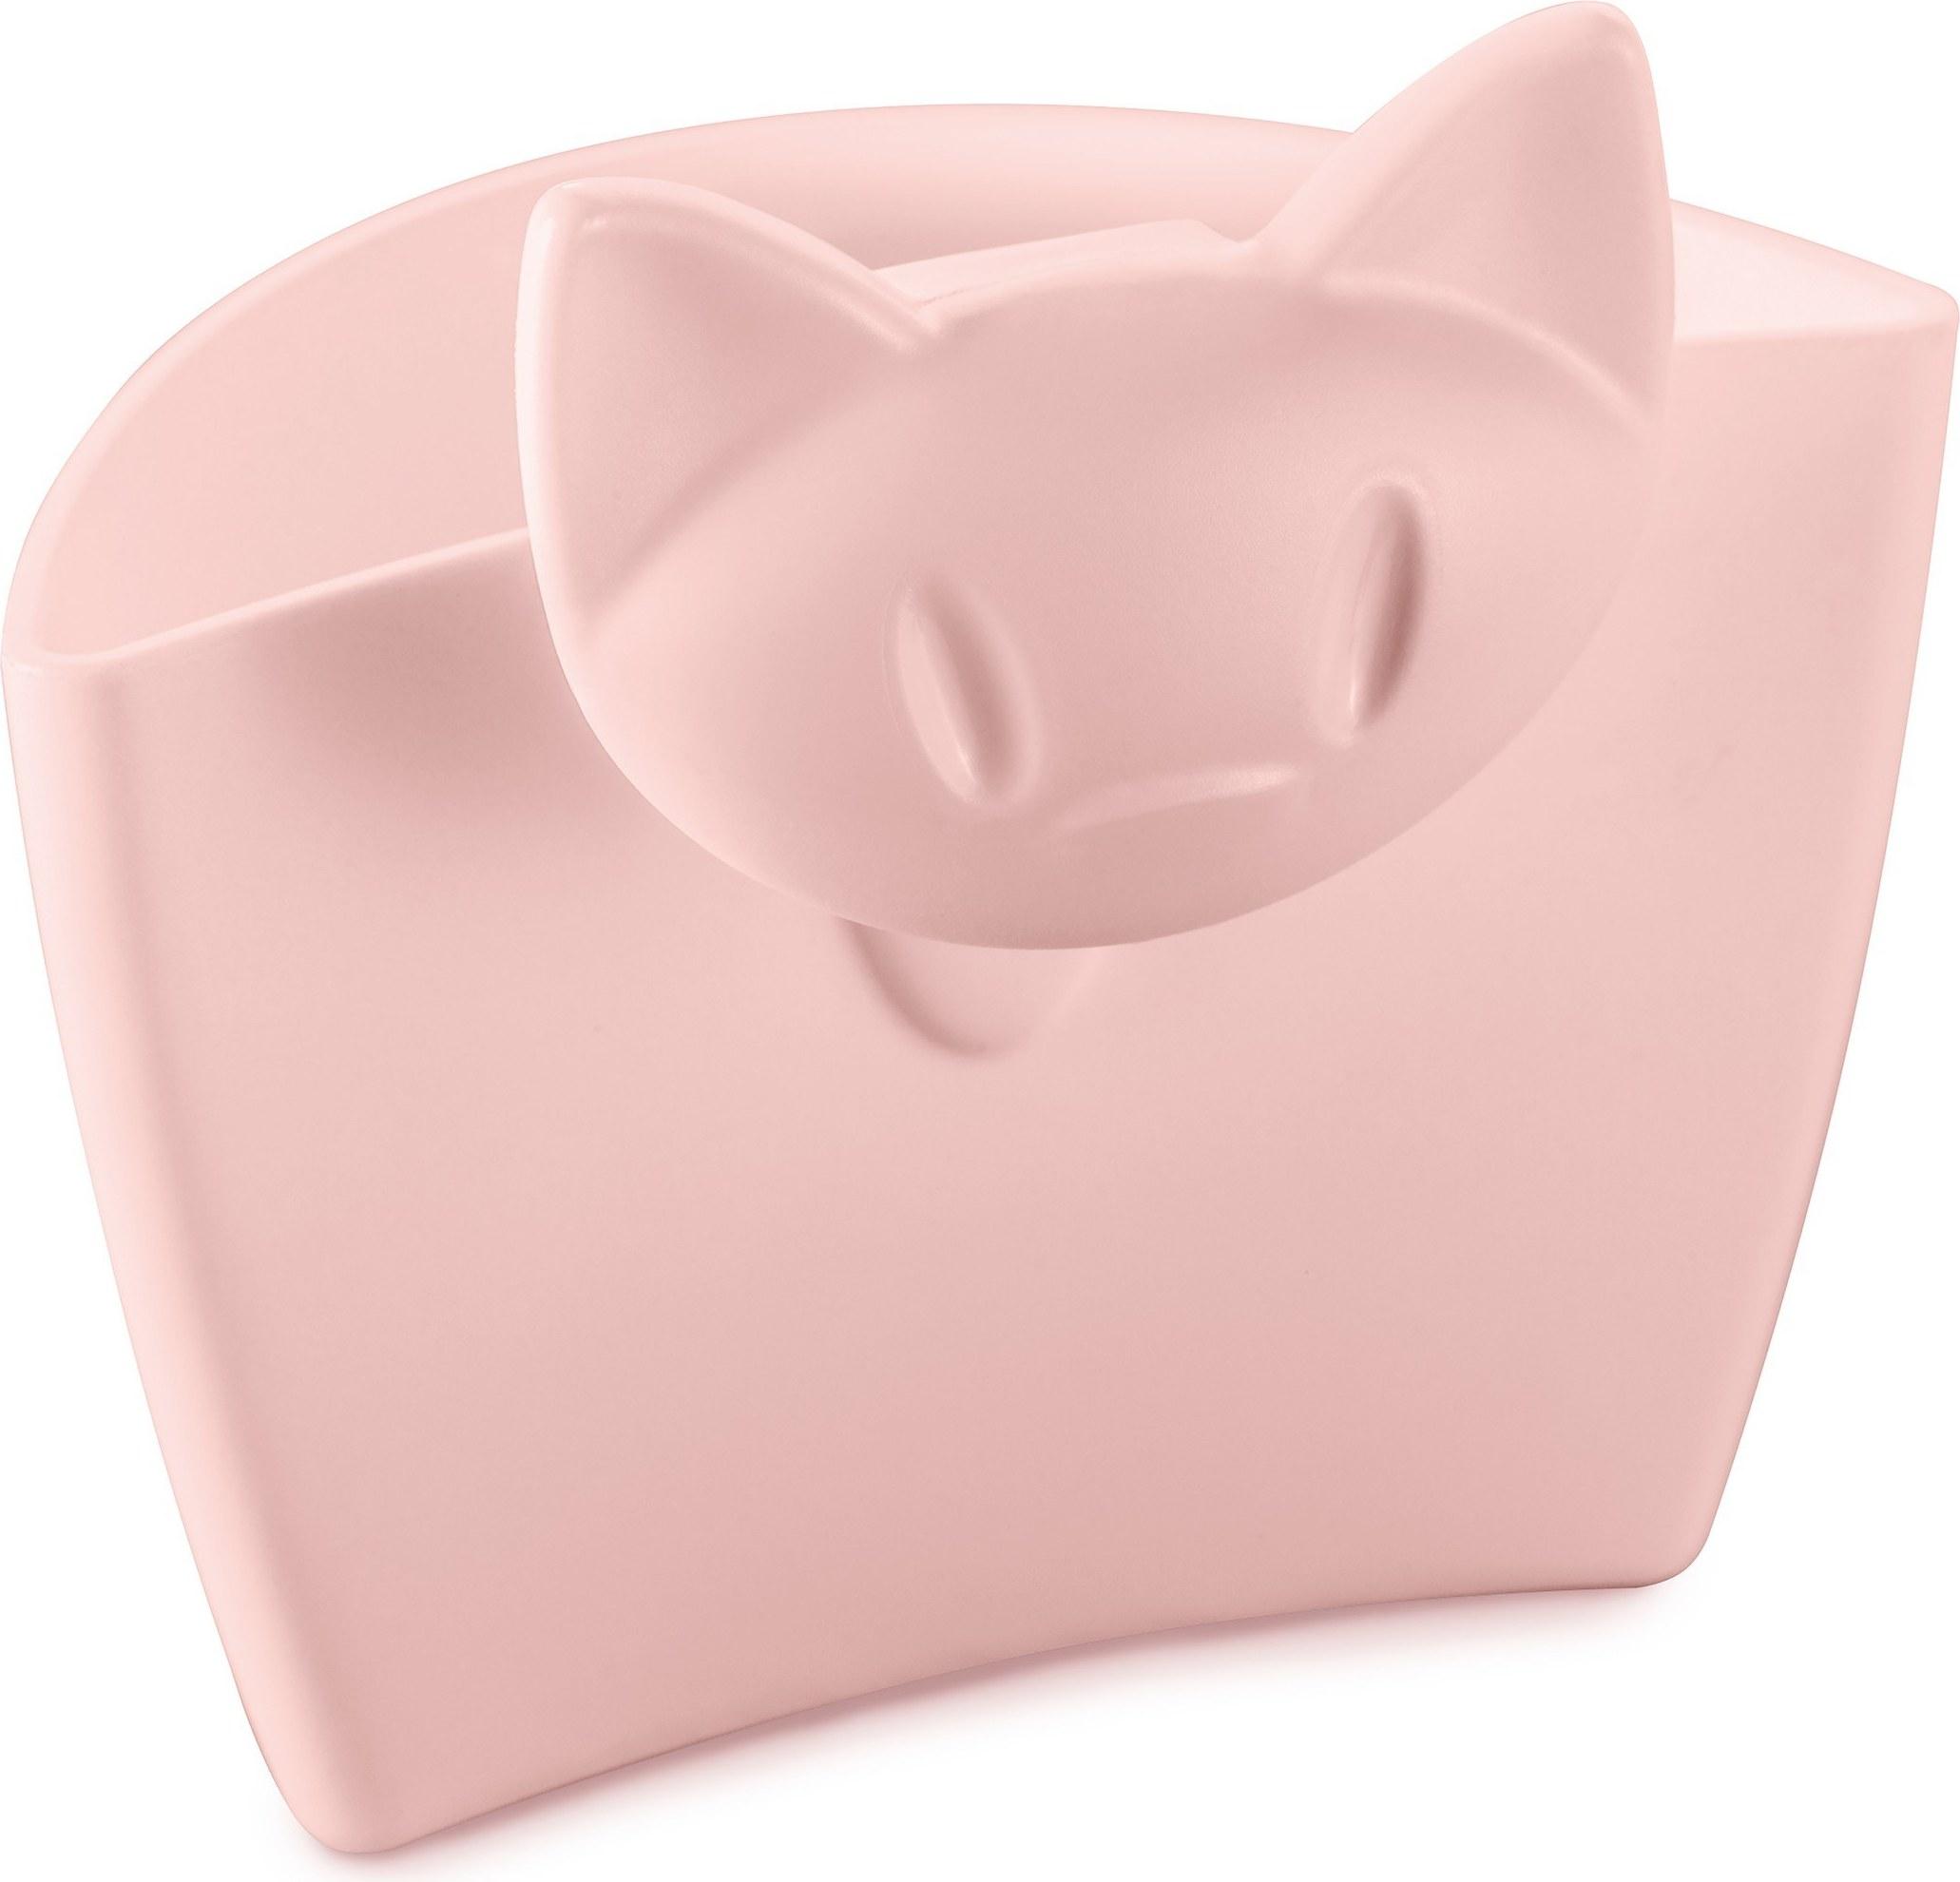 Pojemnik wielofunkcyjny na kubek Mimmi pastelowy róż